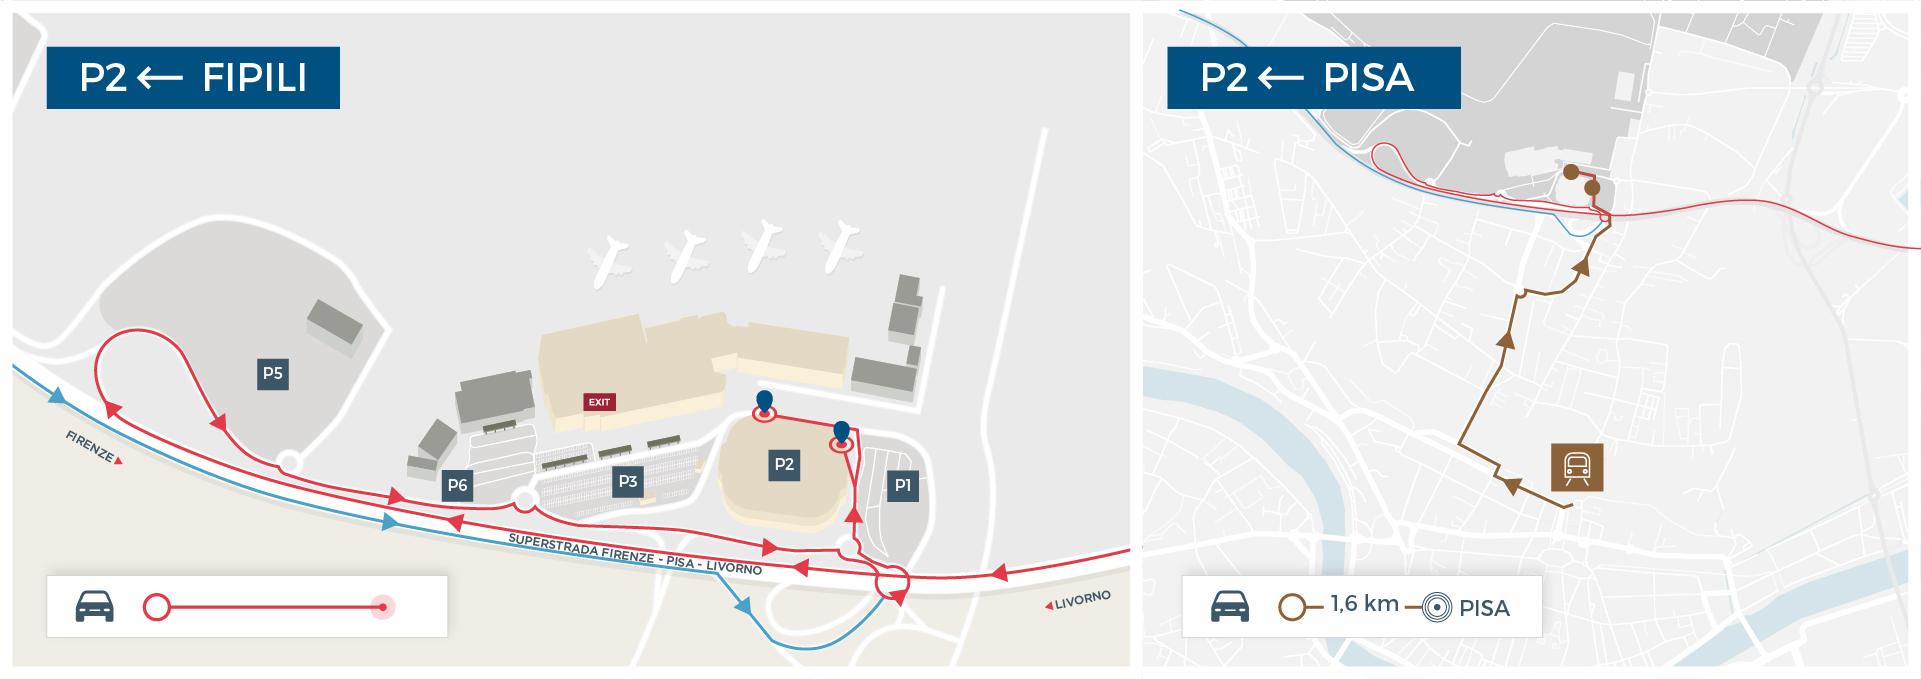 pisa airport terminal map Car Parking Pisa Airport pisa airport terminal map